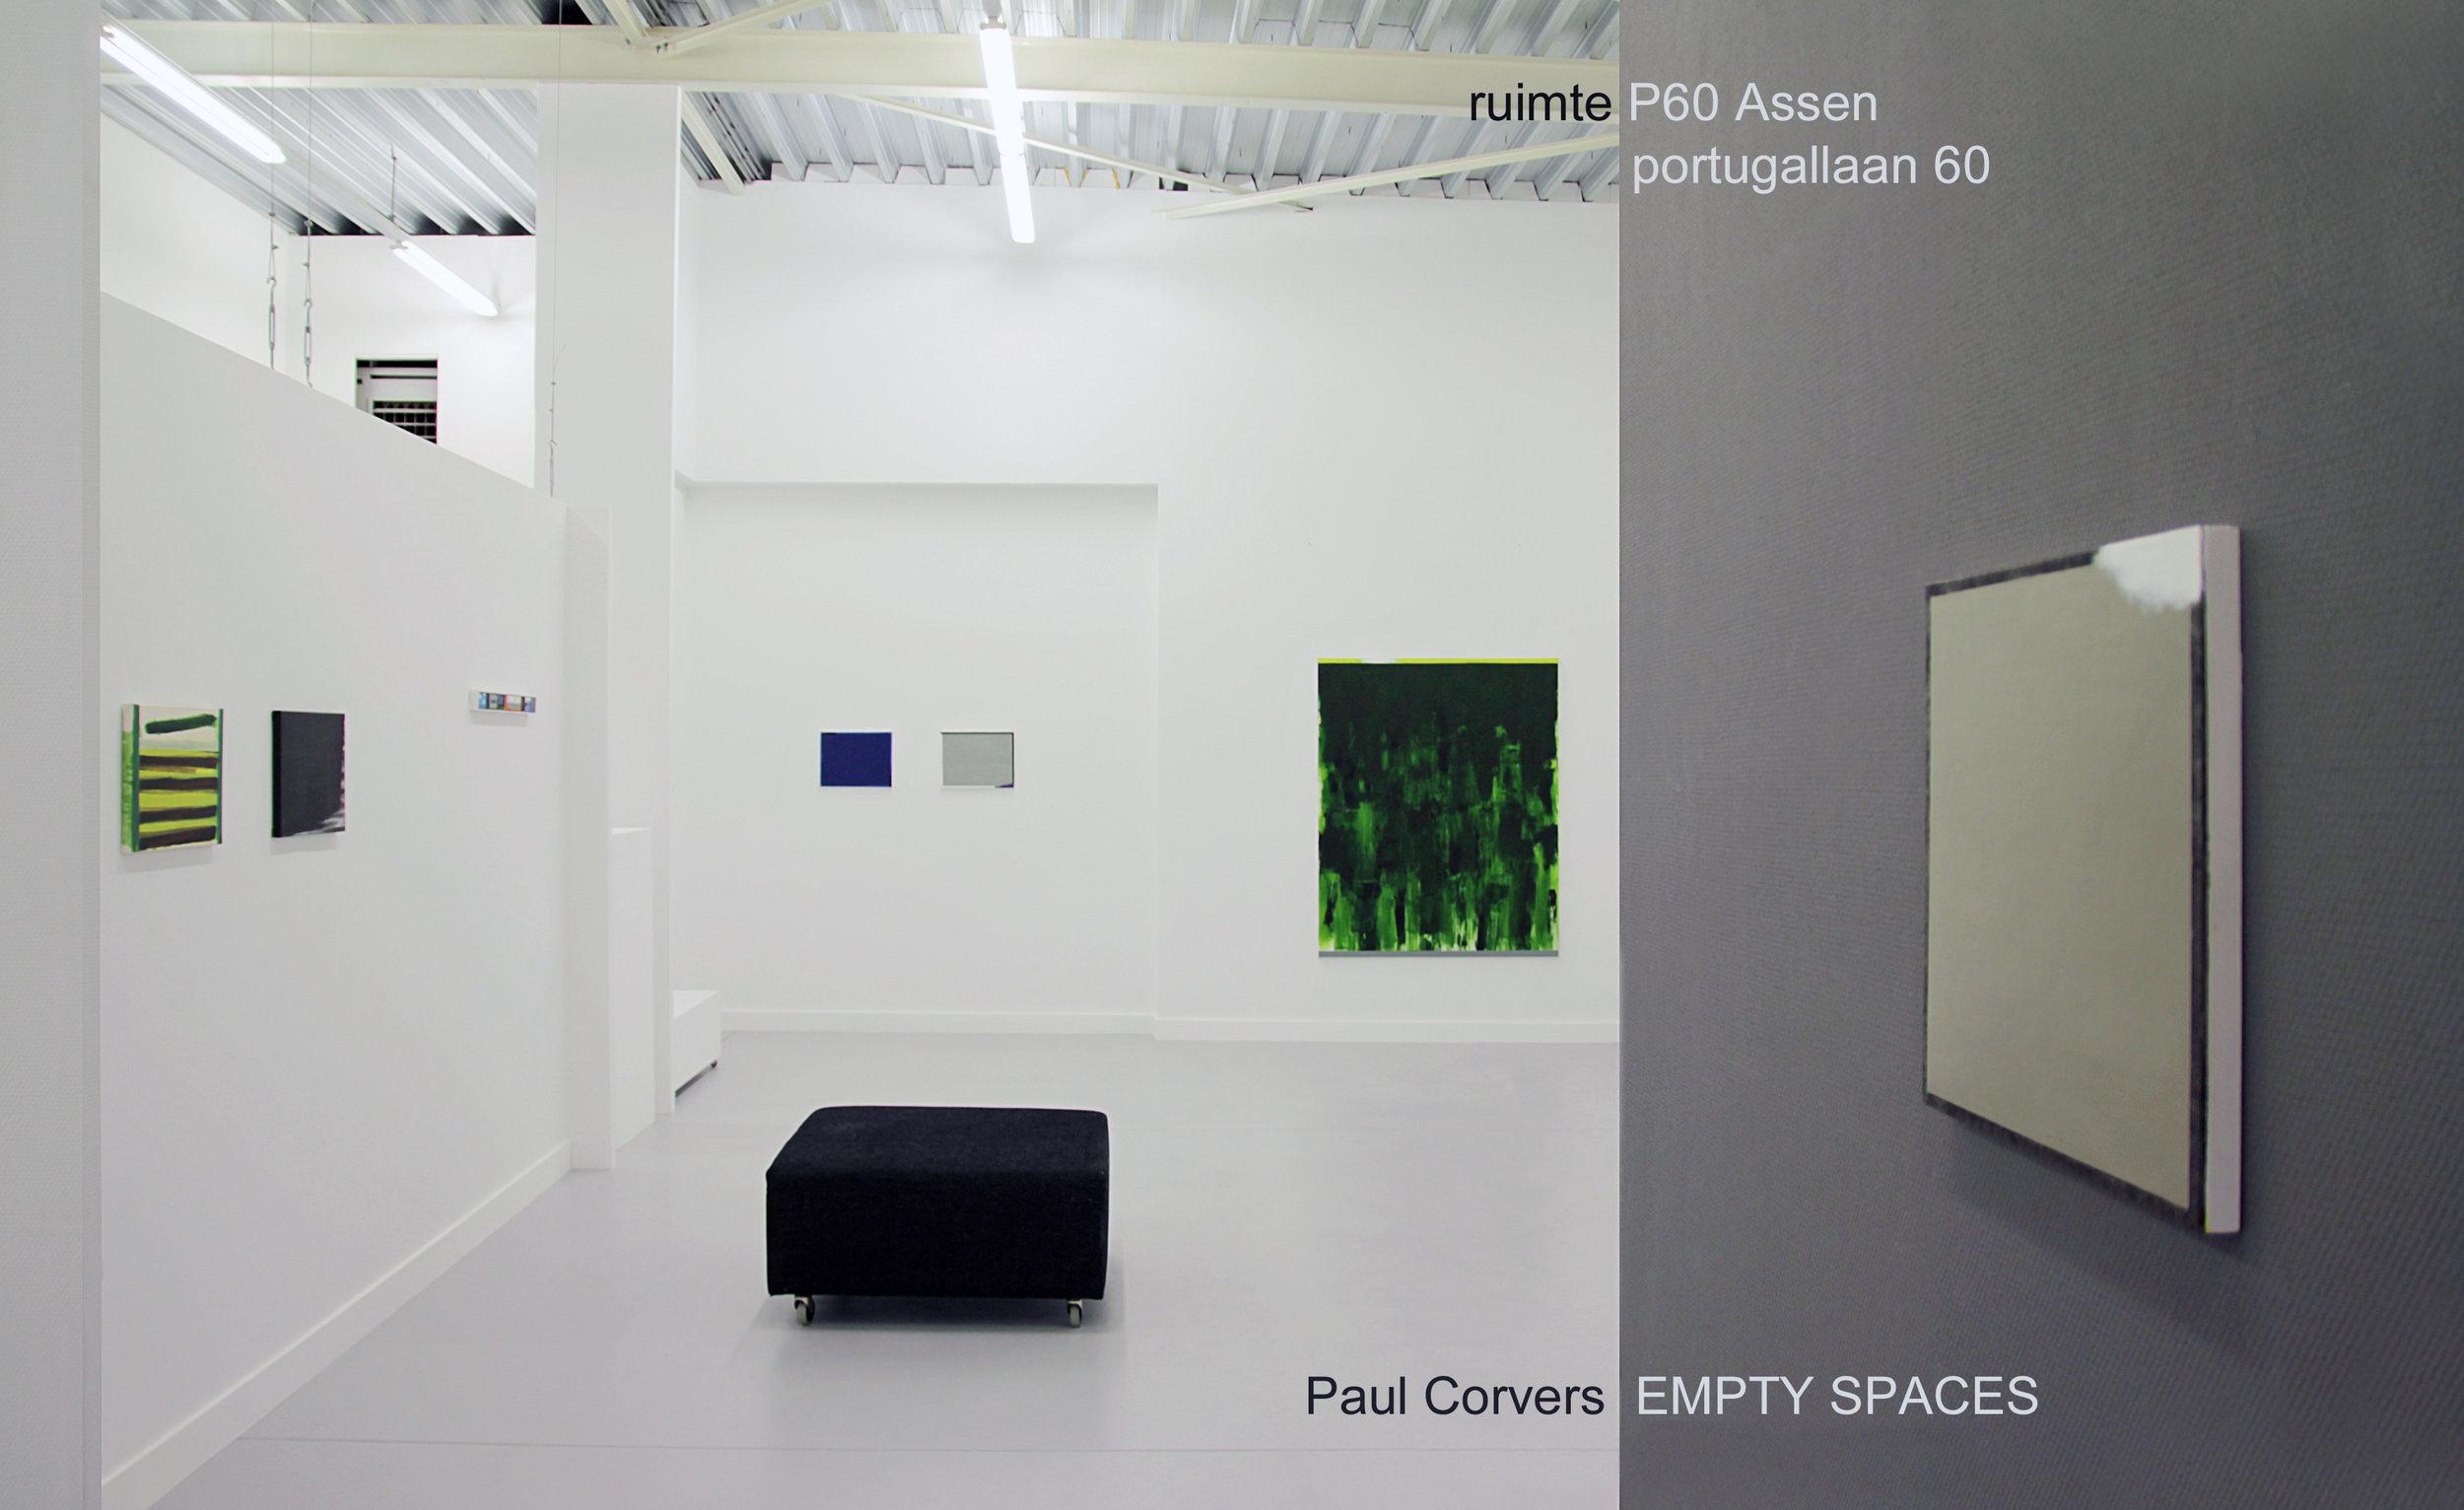 PAUL CORVERS  EMPTY SPACES 2016 november